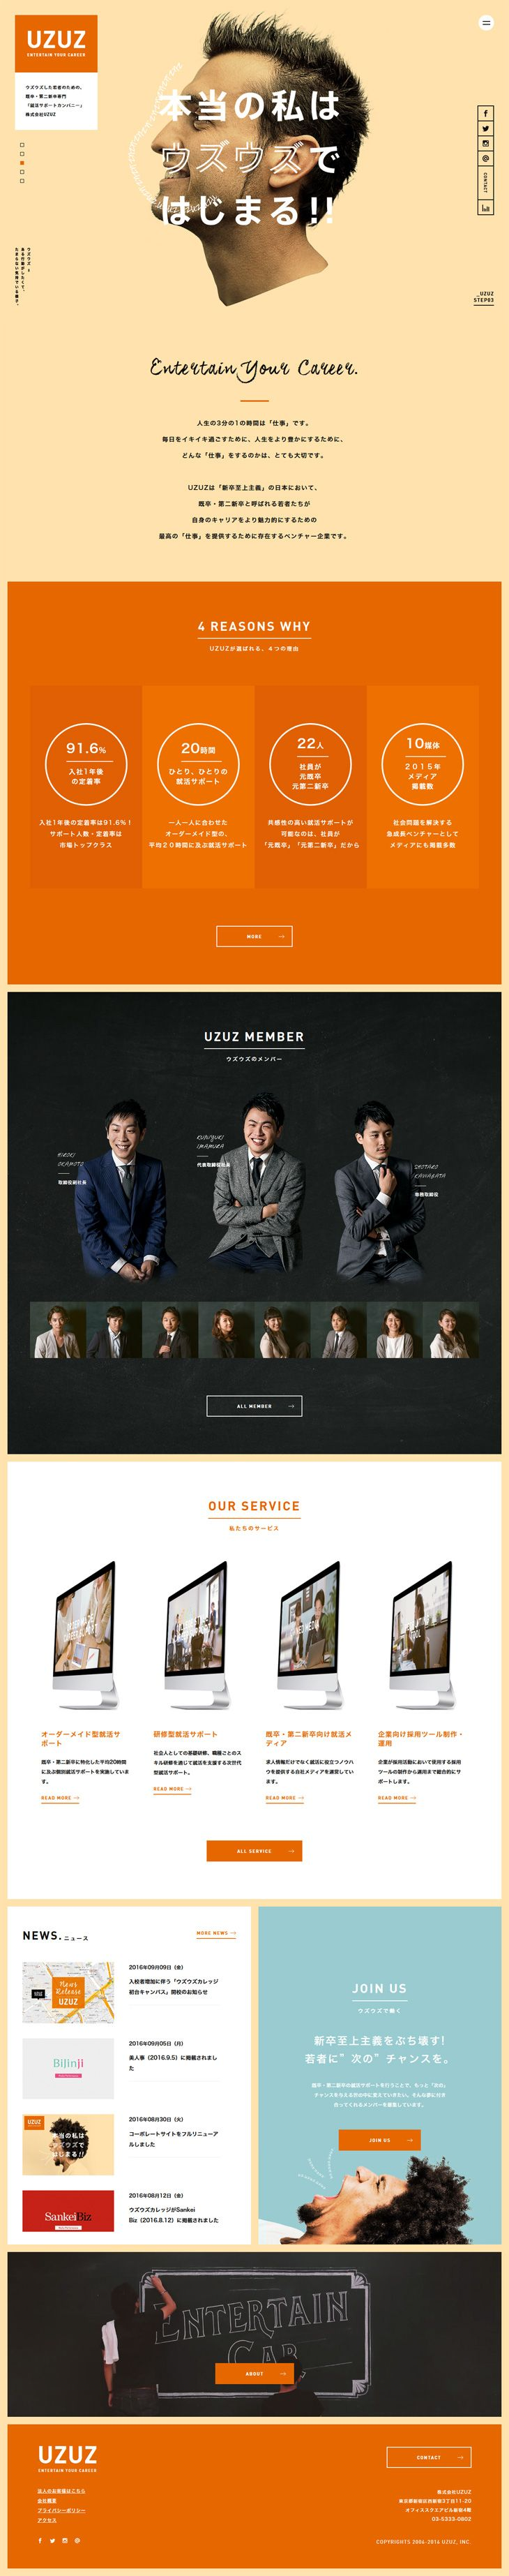 株式会社UZUZ【求人関連関連】のLPデザイン。WEBデザイナーさん必見!ランディングページのデザイン参考に(シンプル系)